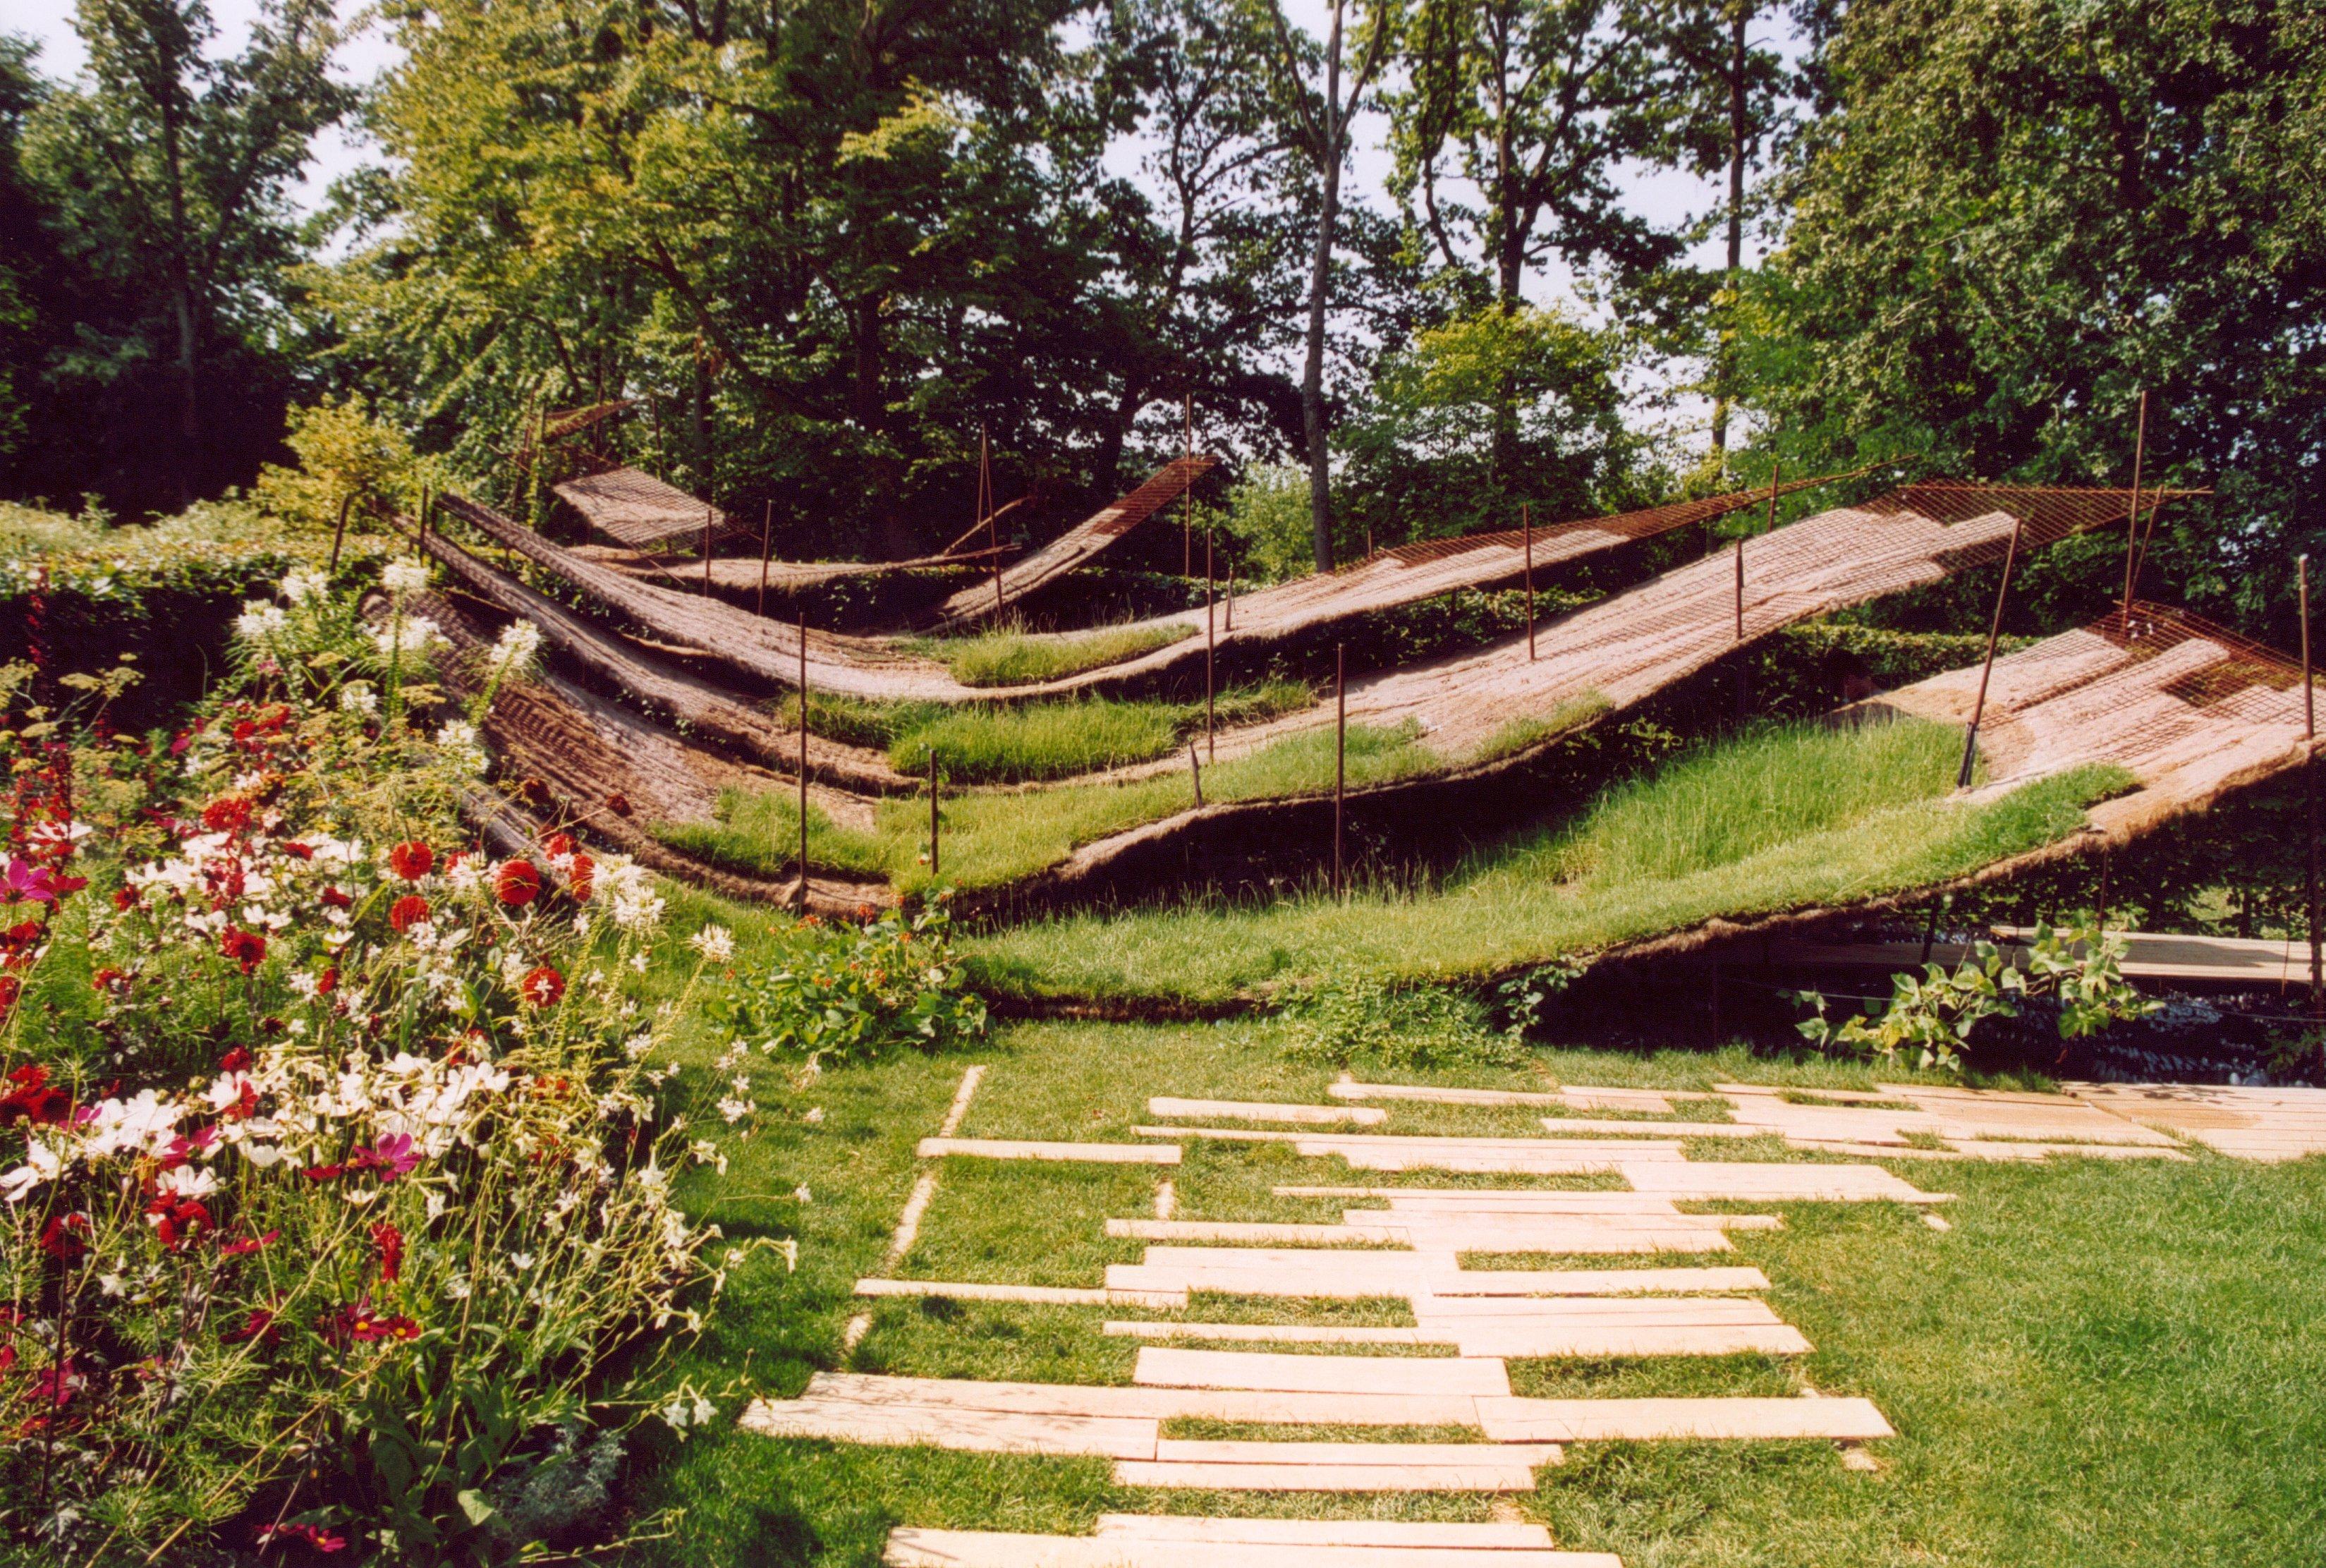 File france loir et cher festival jardins chaumont sur loire 2003 kuijers wikimedia commons - Jardins chaumont sur loire ...